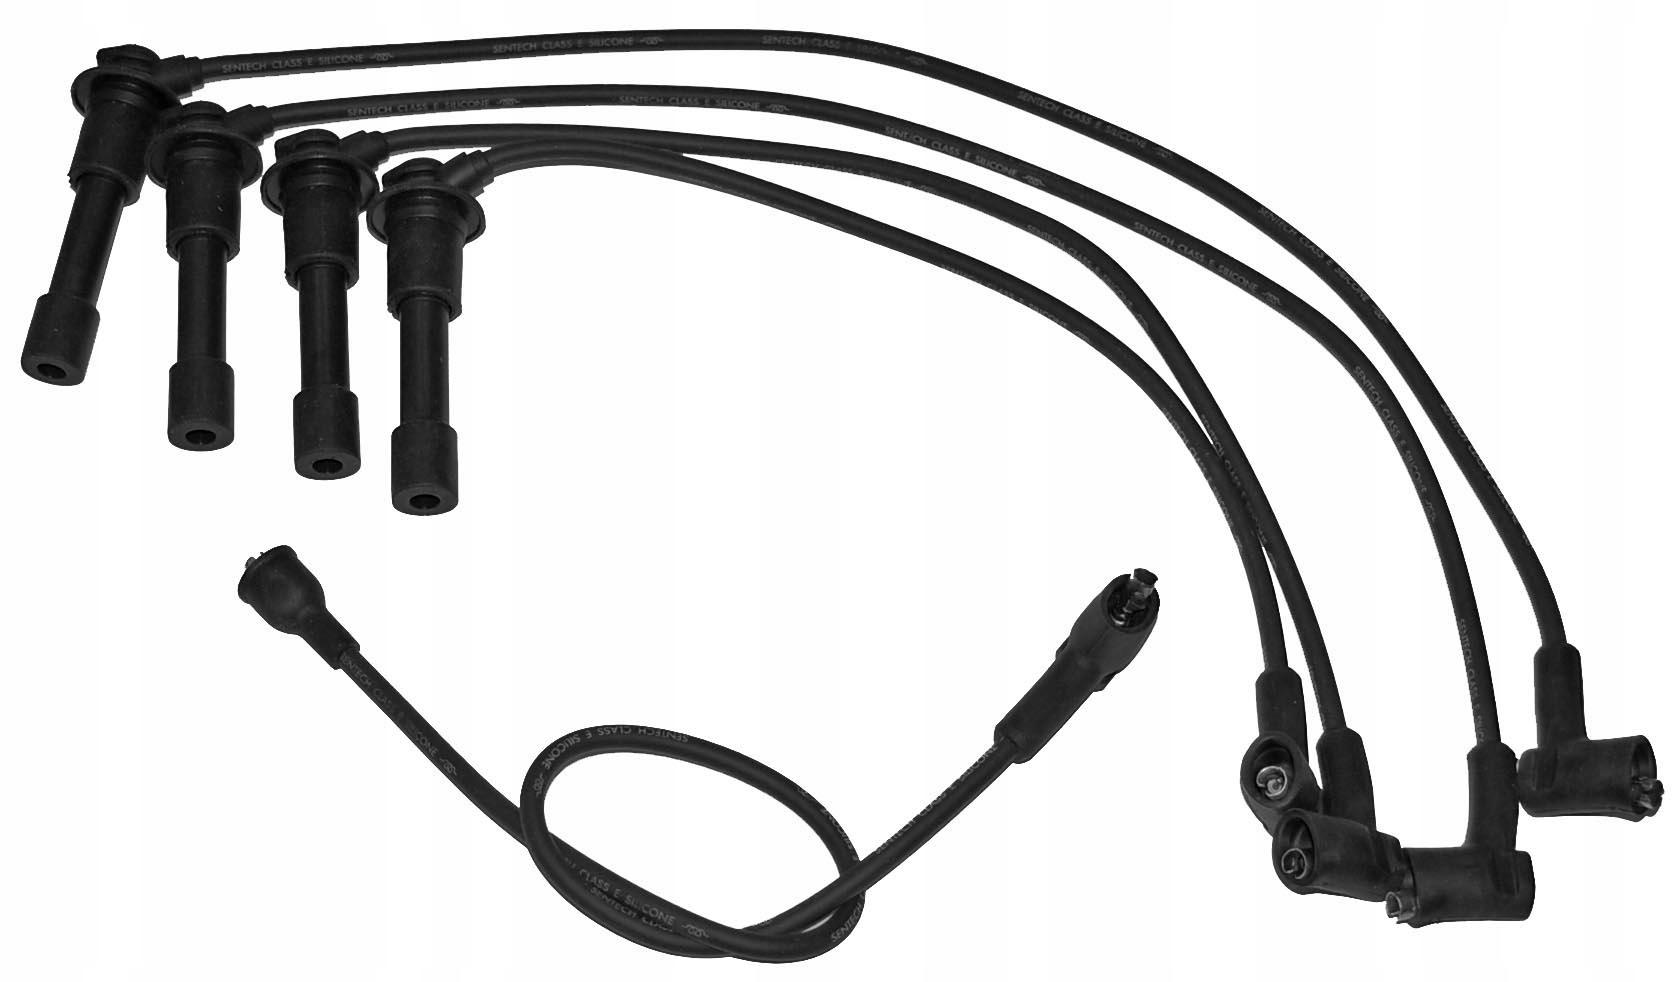 Cavo di accensione Sentech 8212 Wire Wound